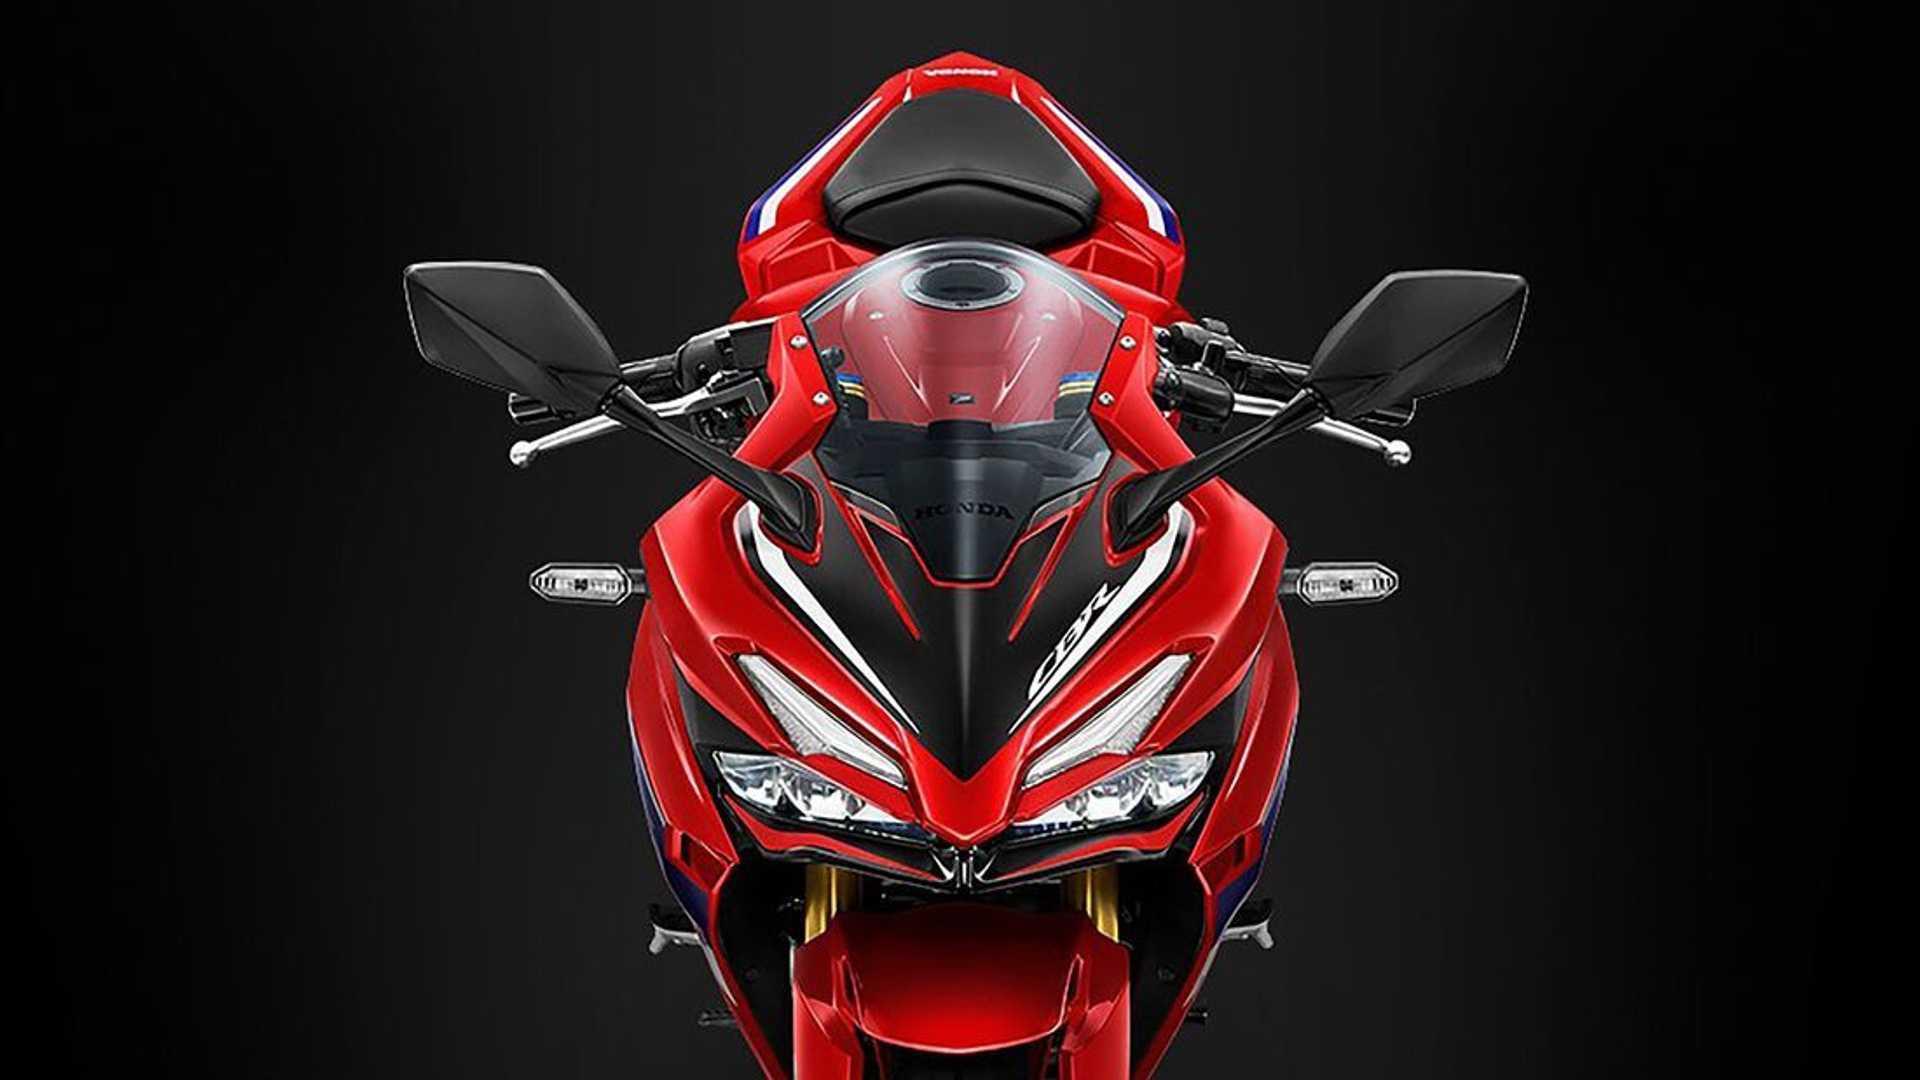 La Honda CBR150R 2022 tiene interesantes novedades